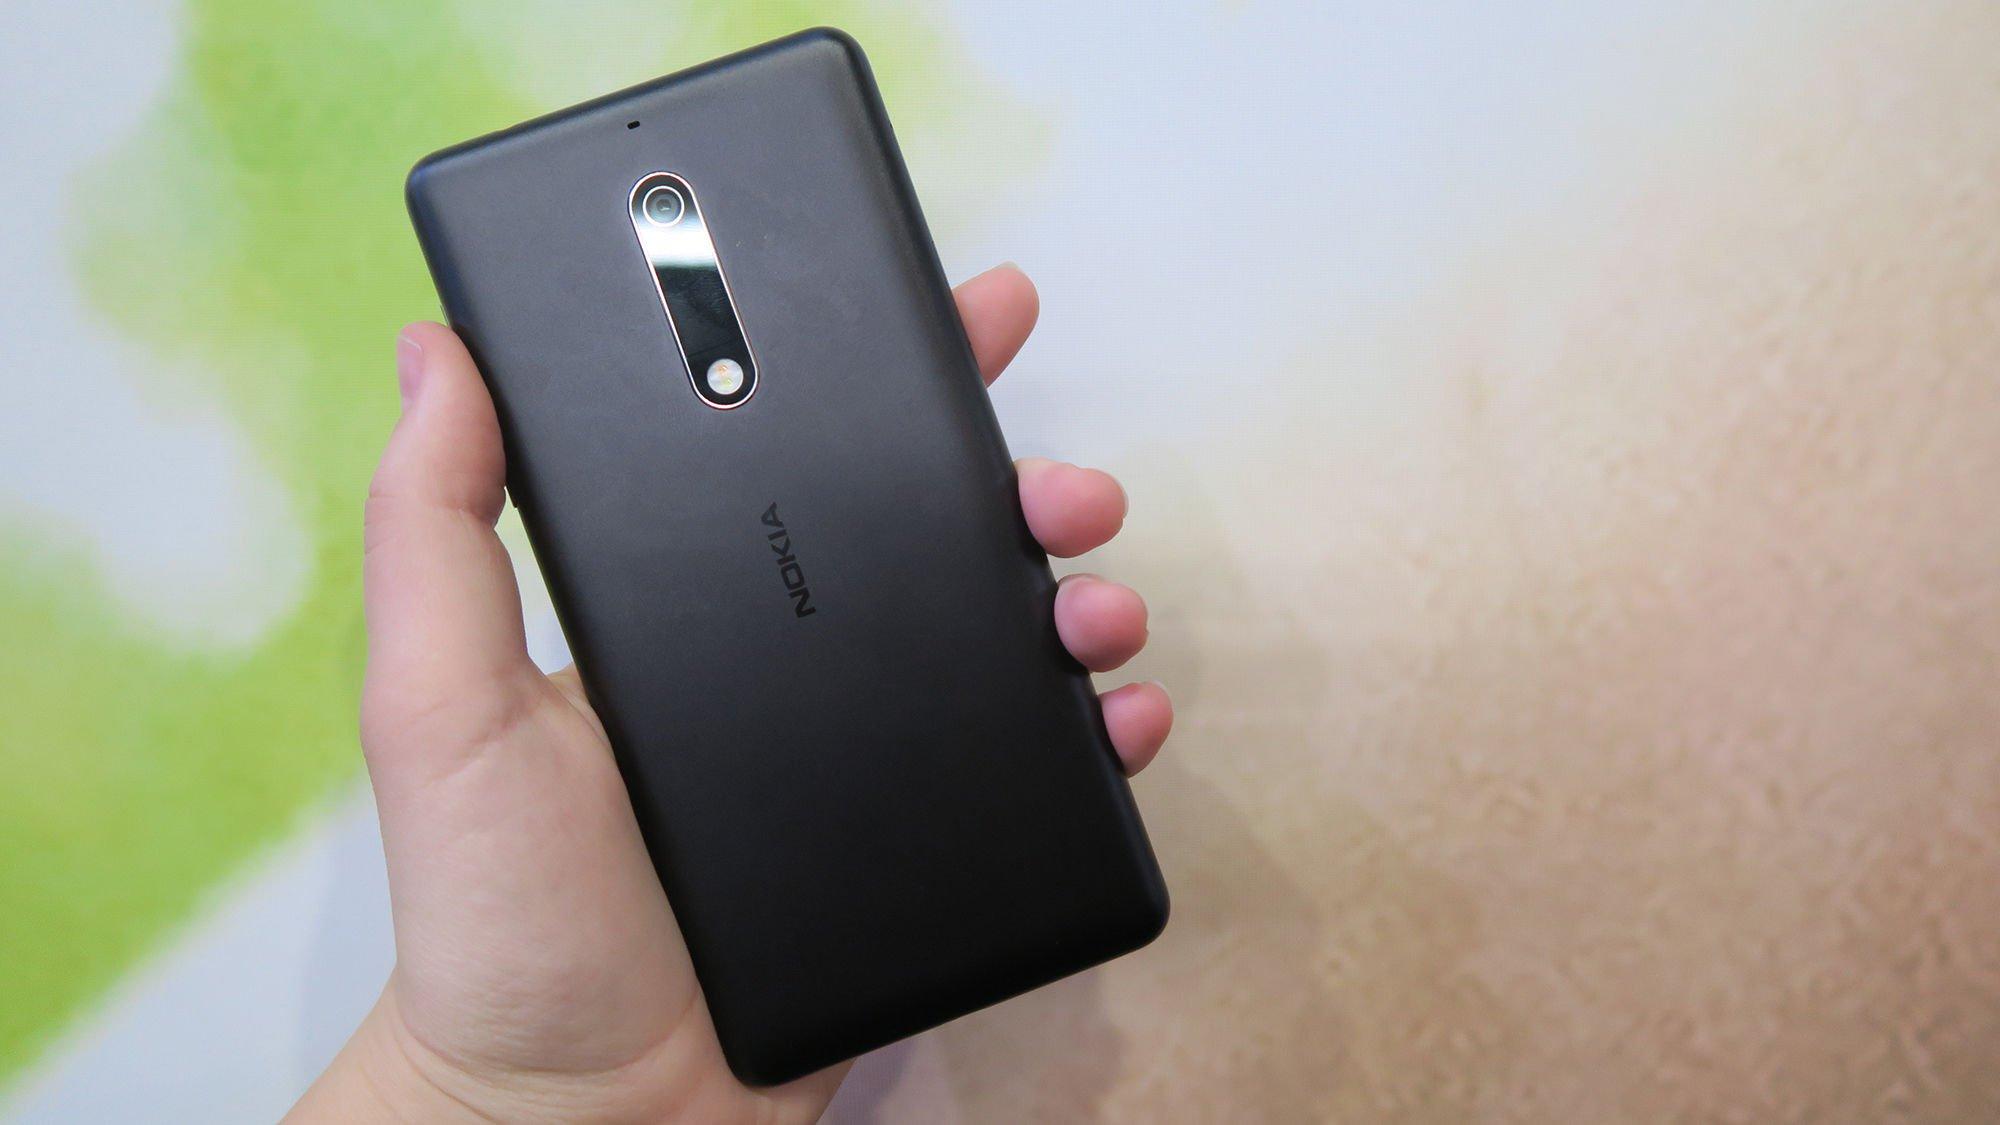 Nokia 5 Android 8.0 Oreo